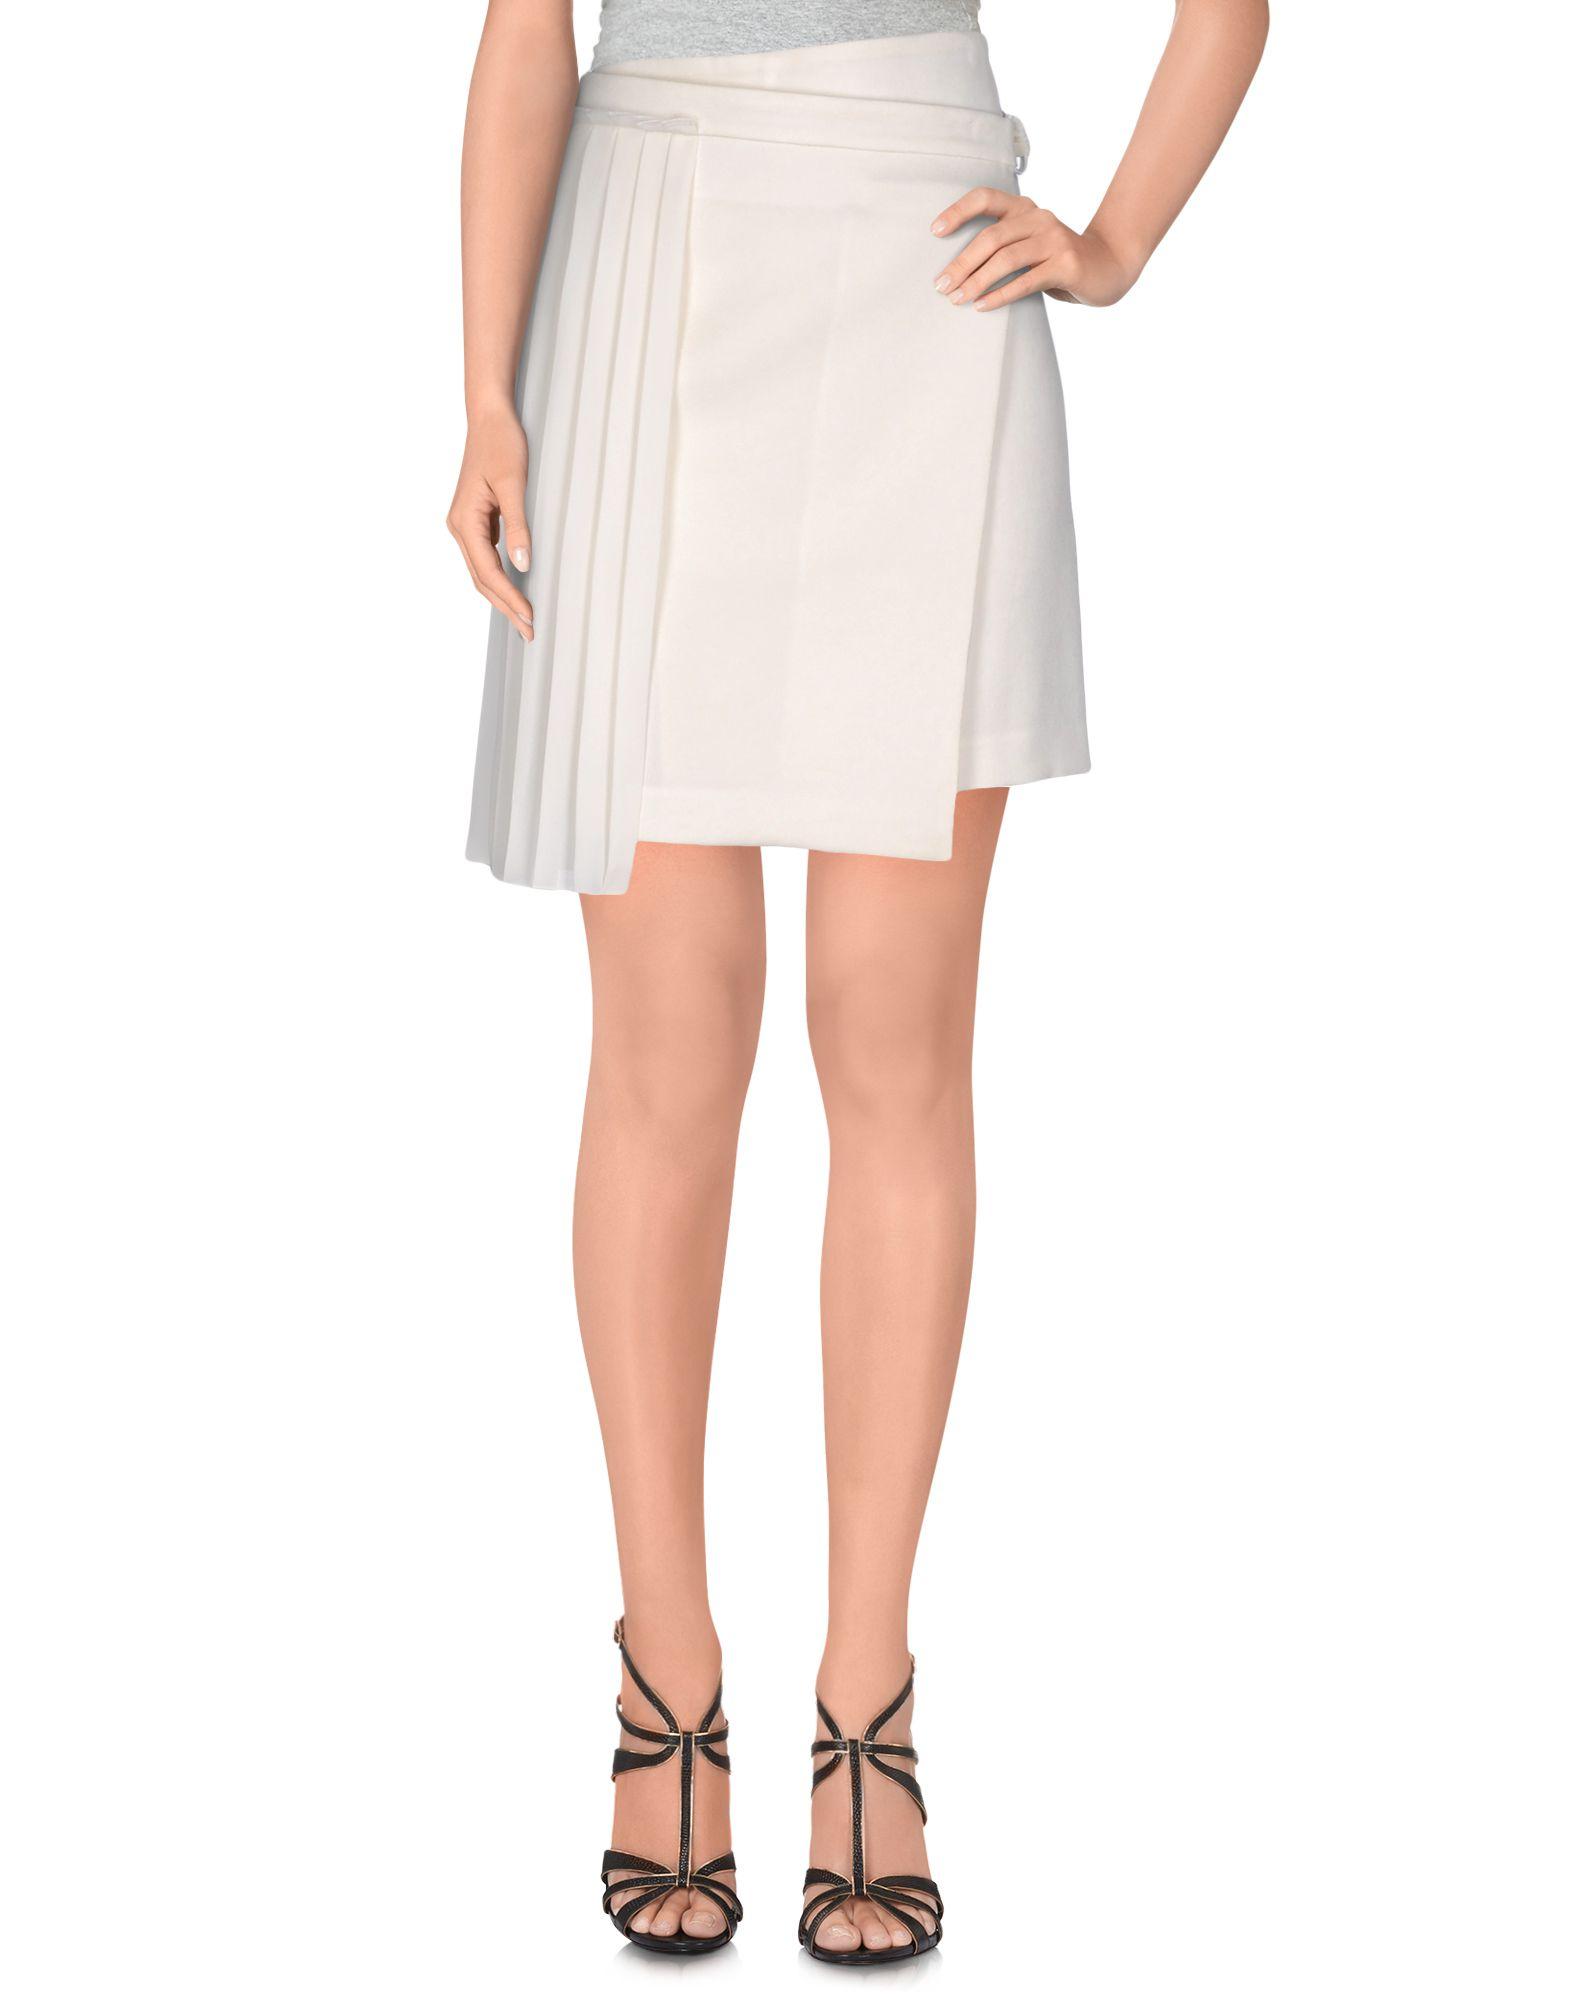 EDUN Мини-юбка летняя приморская курортная юбка женская пляжная юбка сексуальная глубокая v спина крест платье маленькая черная юбка ремень юбка